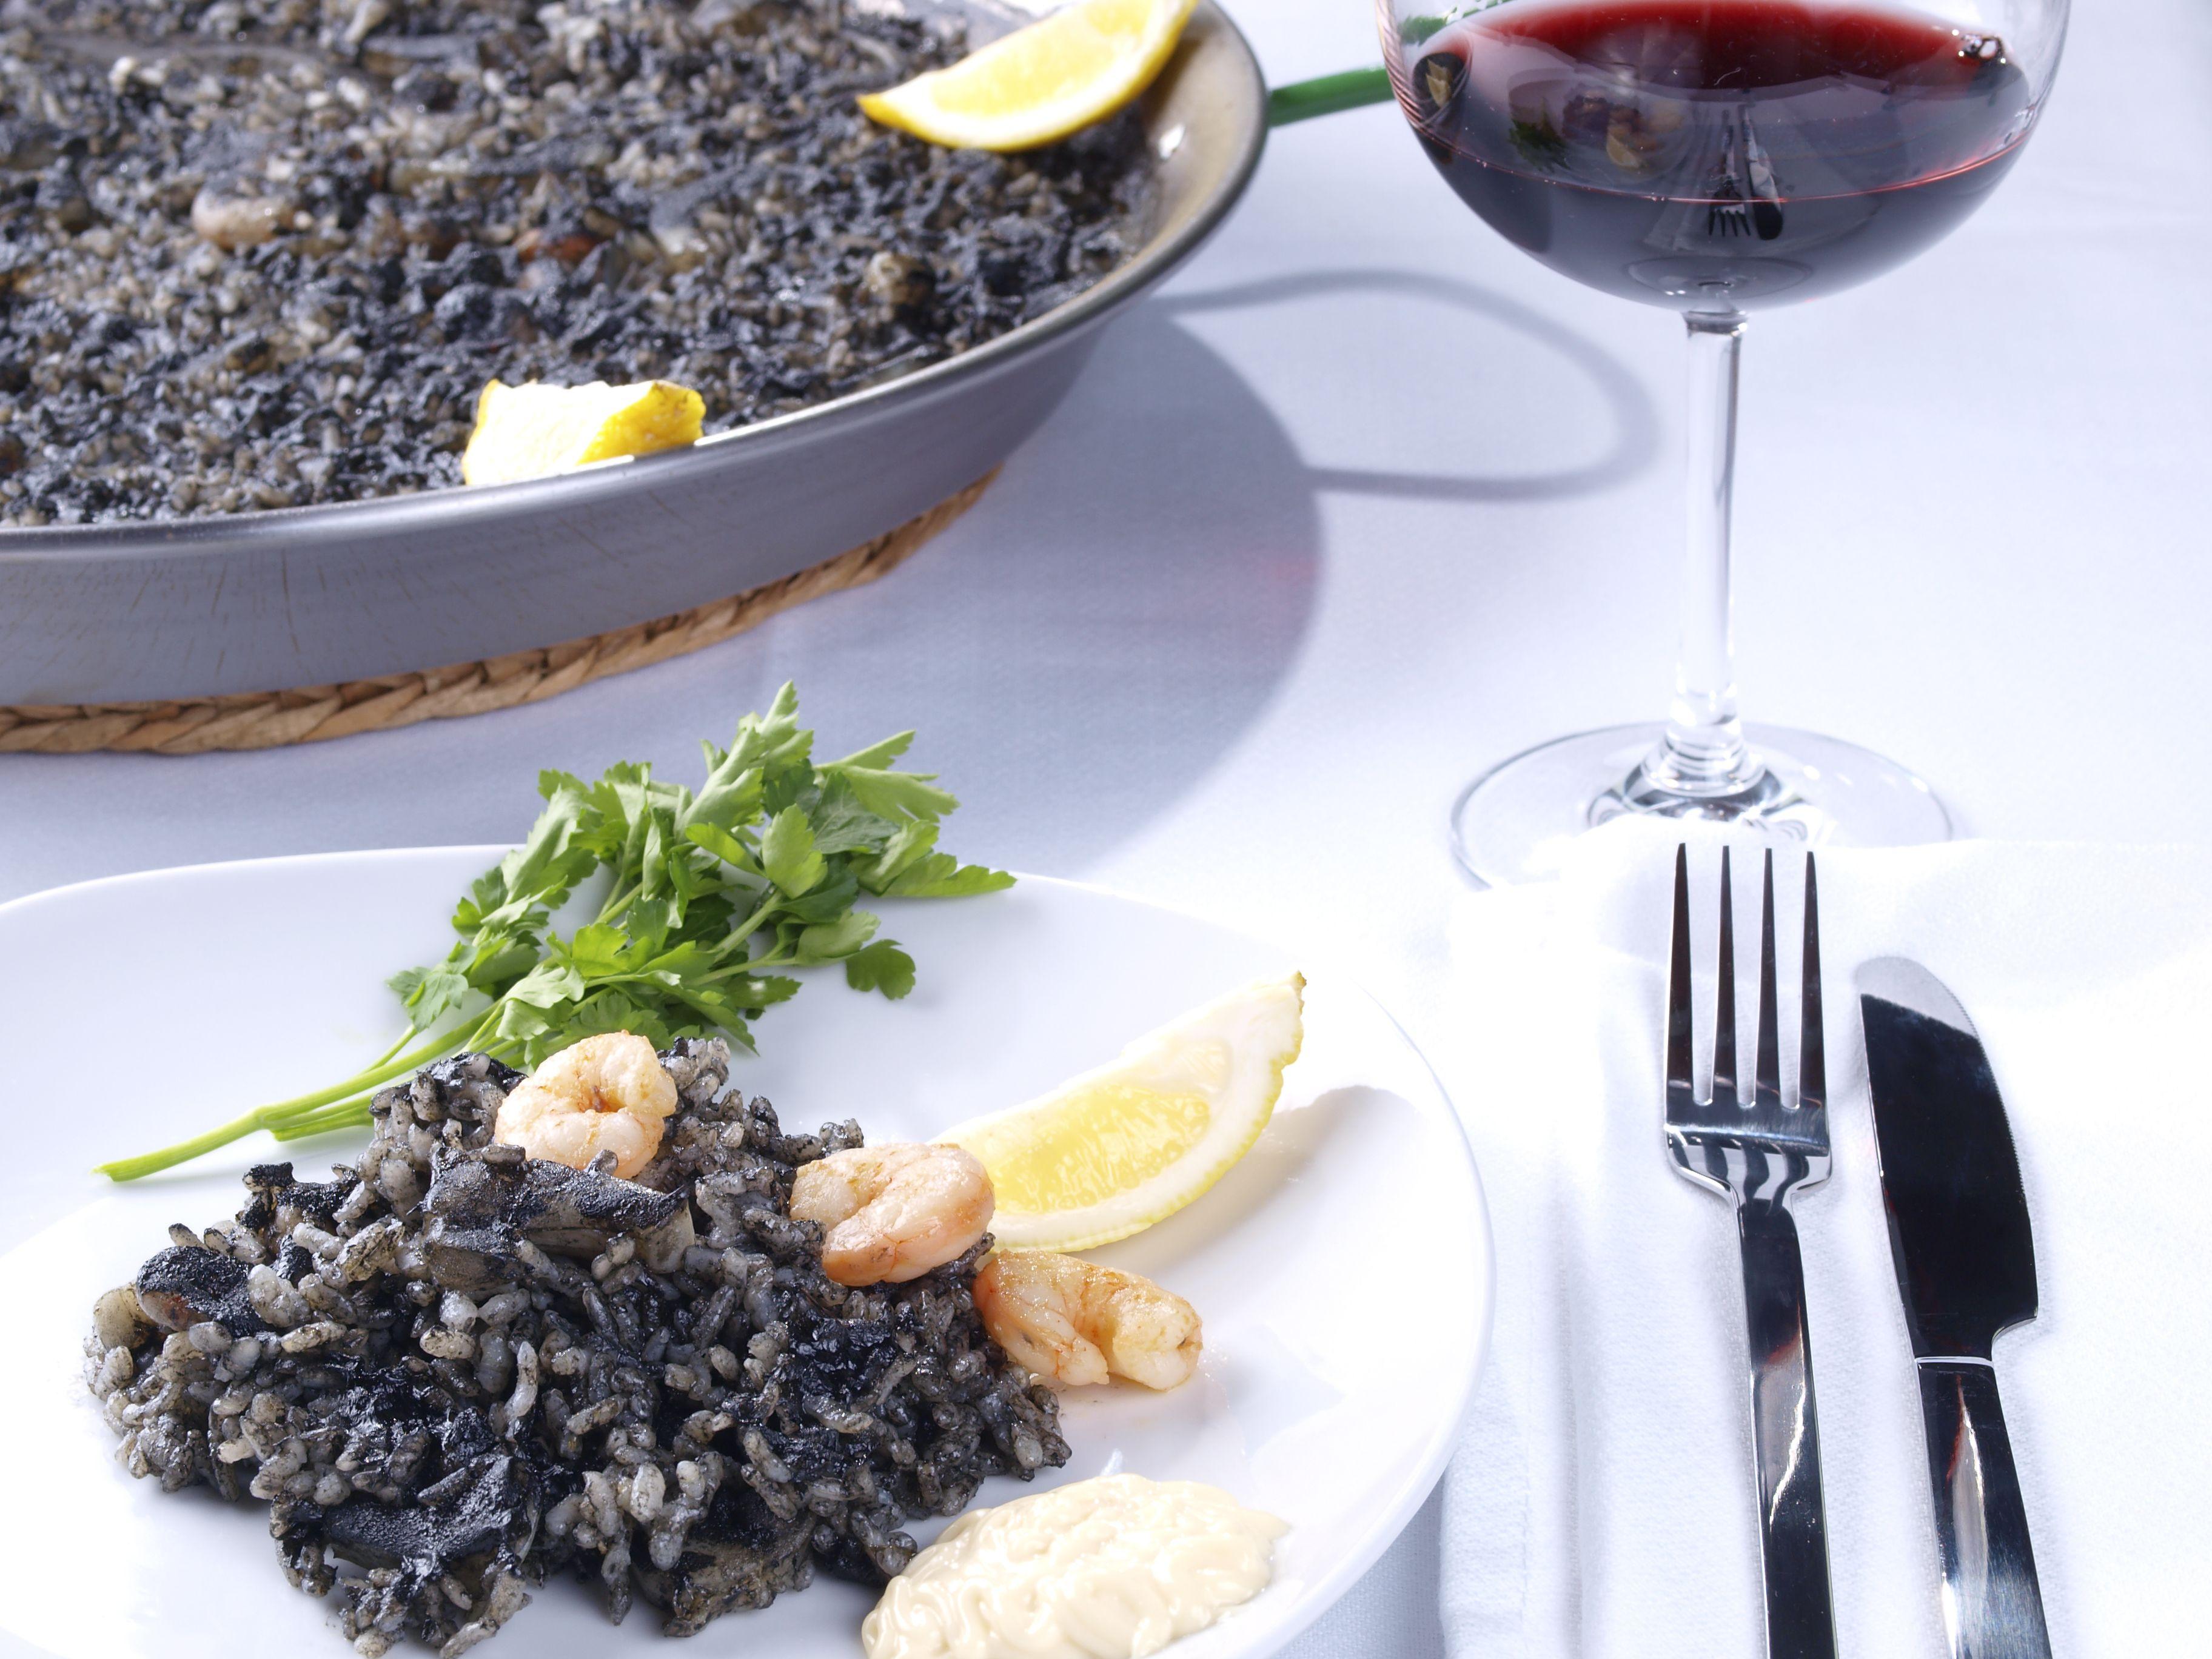 Recetas tradicionales de cocina mediterránea en Cambrils